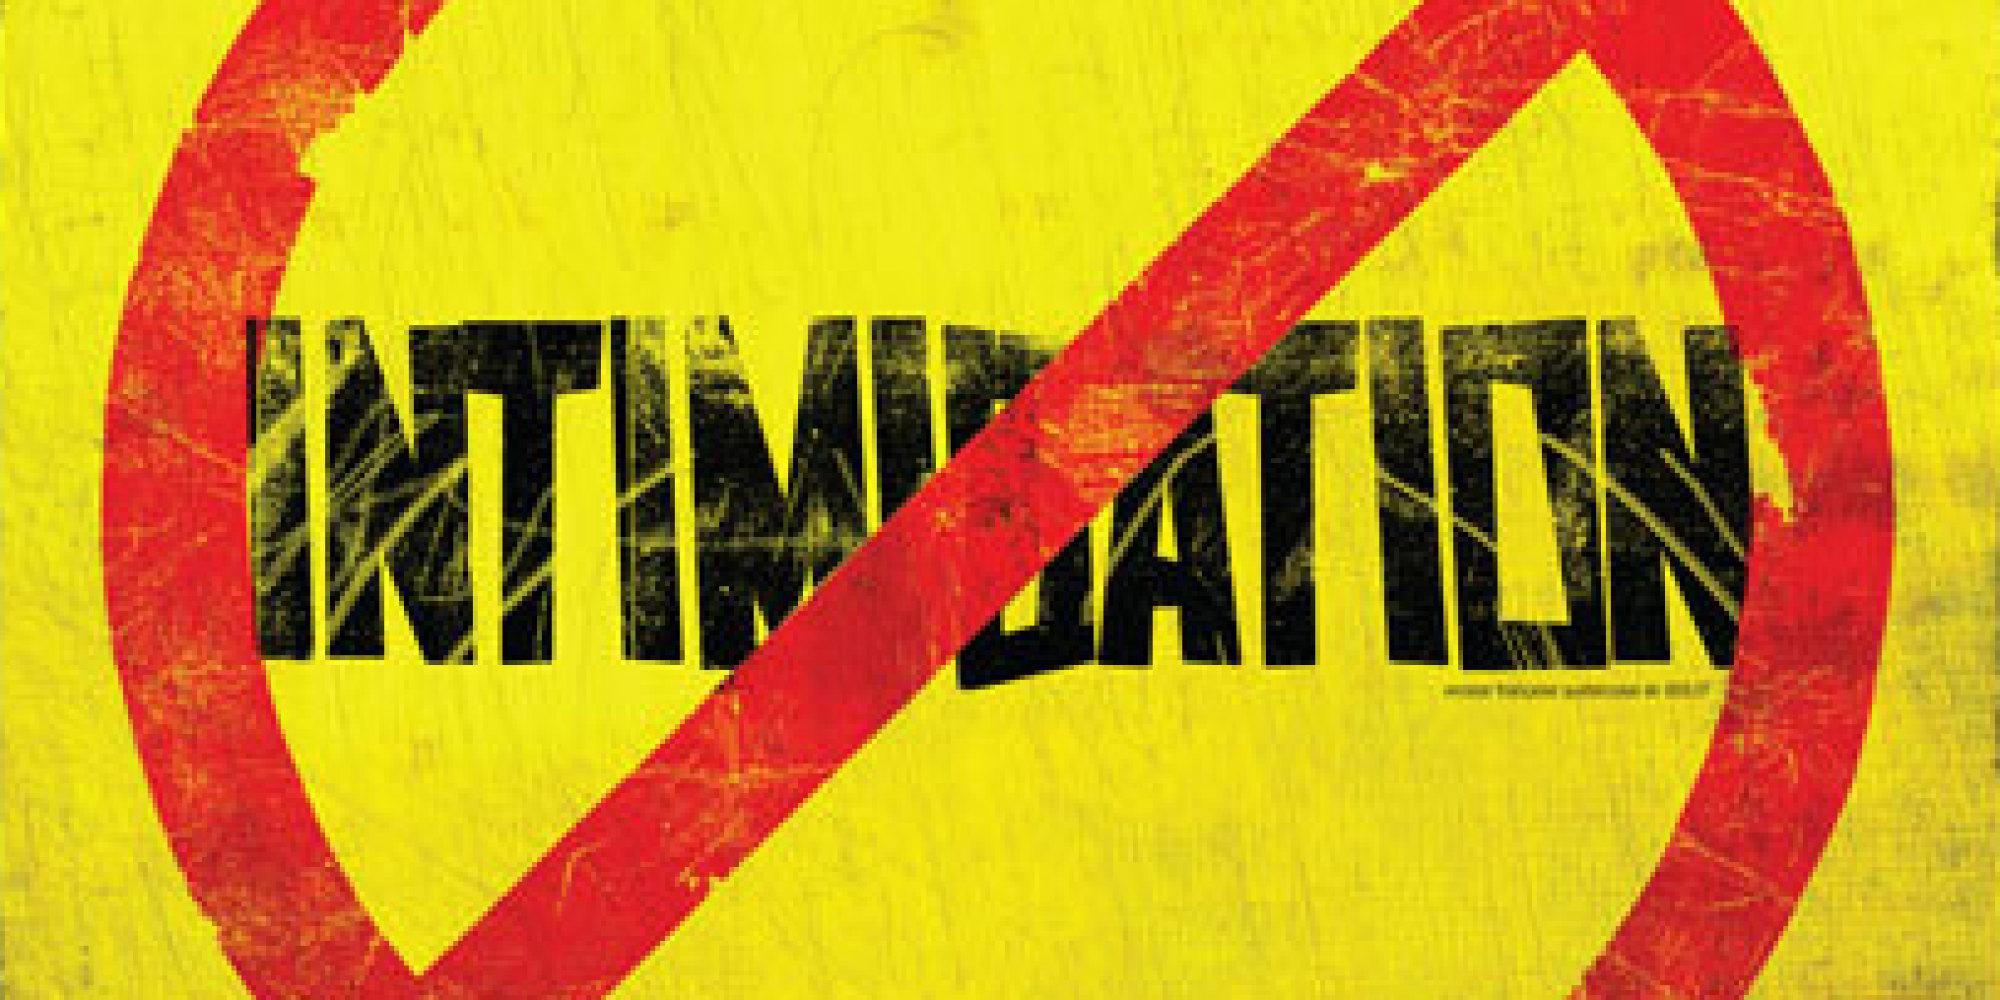 Garneau dénonce... Non à l'intimidation - Cliquez sur l'image pour dénoncer un mauvais comportement